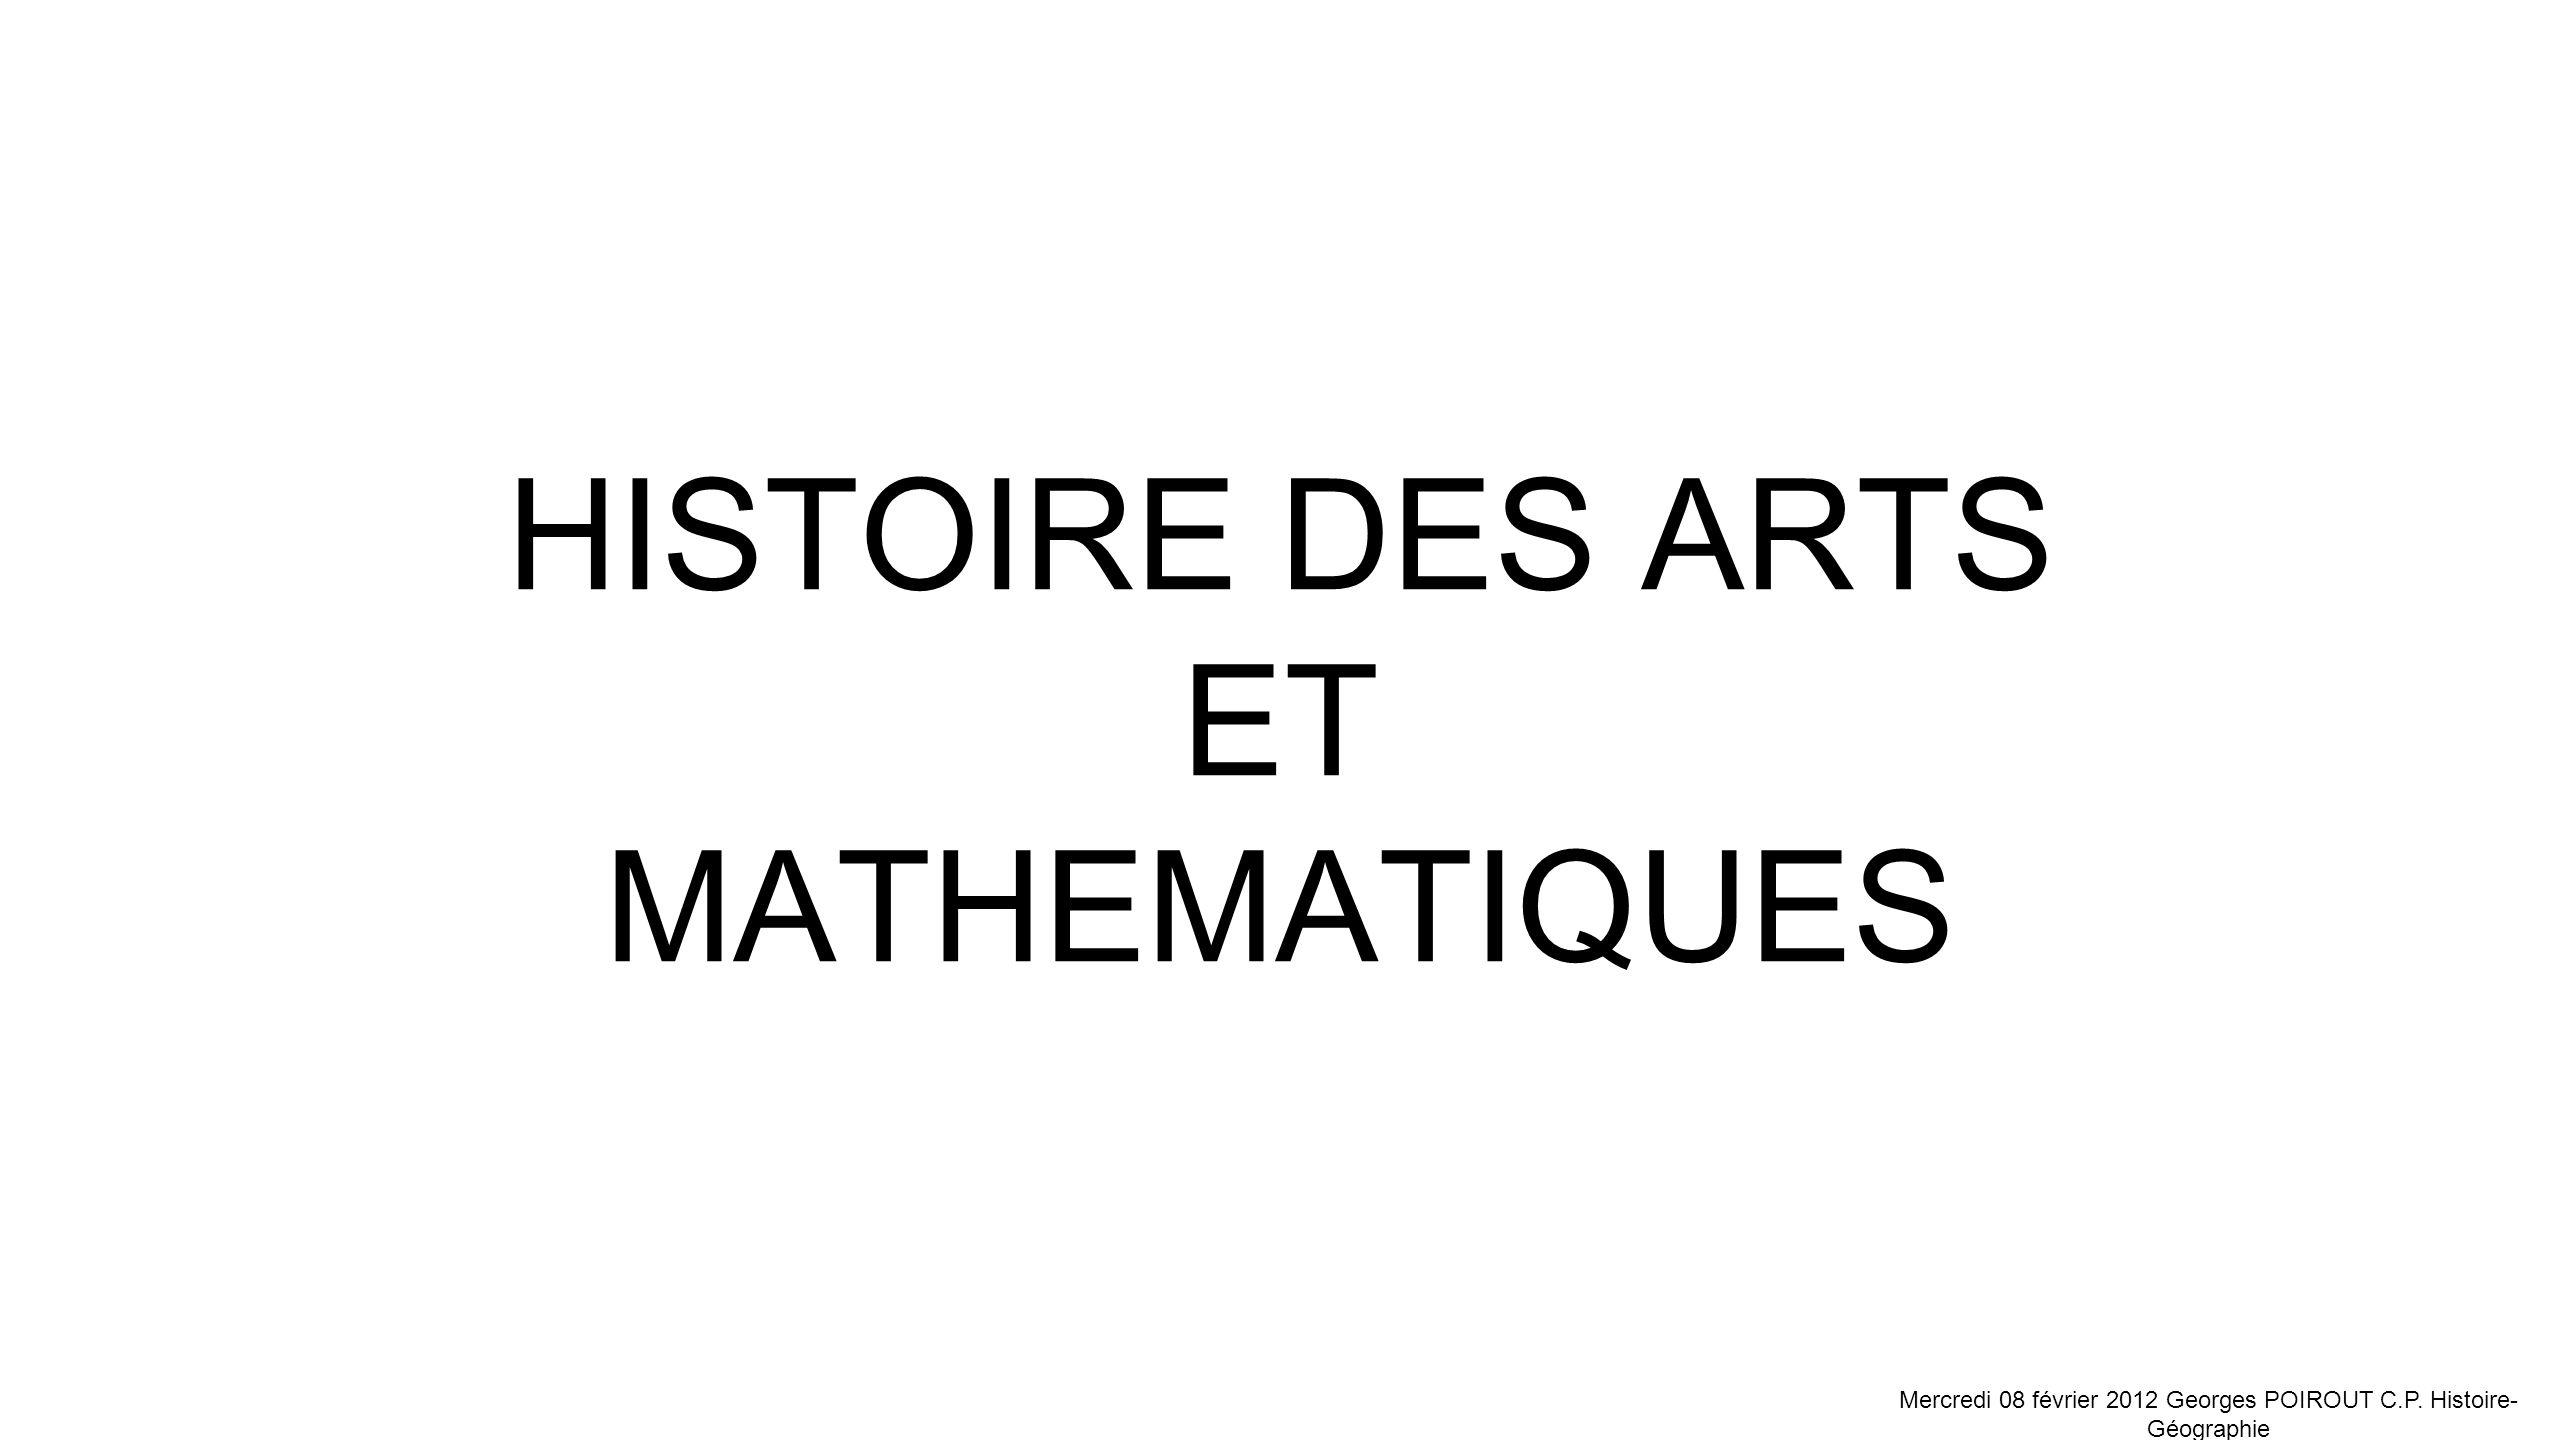 HISTOIRE DES ARTS ET MATHEMATIQUES Mercredi 08 février 2012 Georges POIROUT C.P. Histoire- Géographie